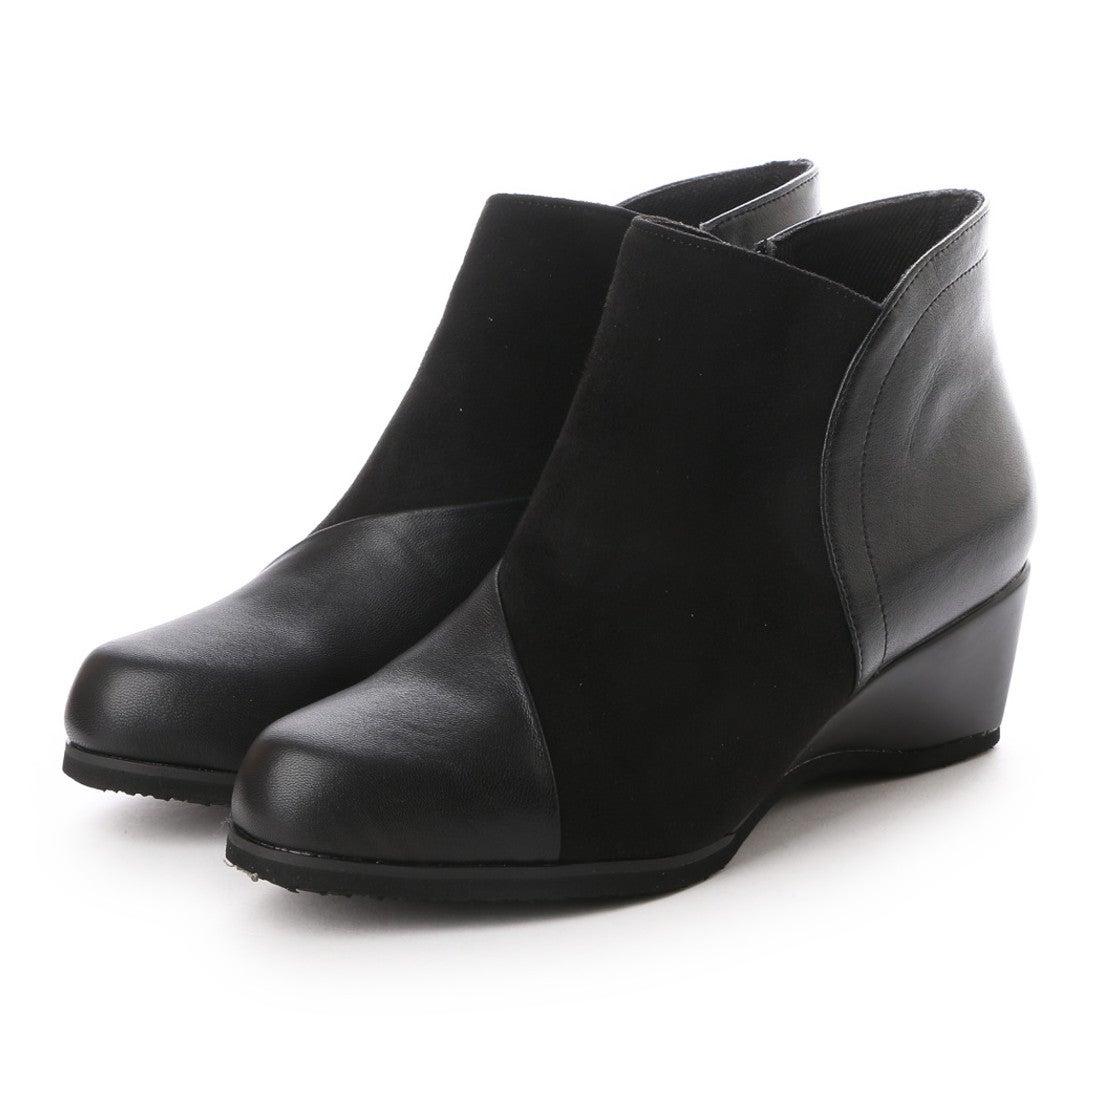 ワークストラベラー WorksTraveler ショートブーツ (BL) ,靴とファッションの通販サイト ロコンド